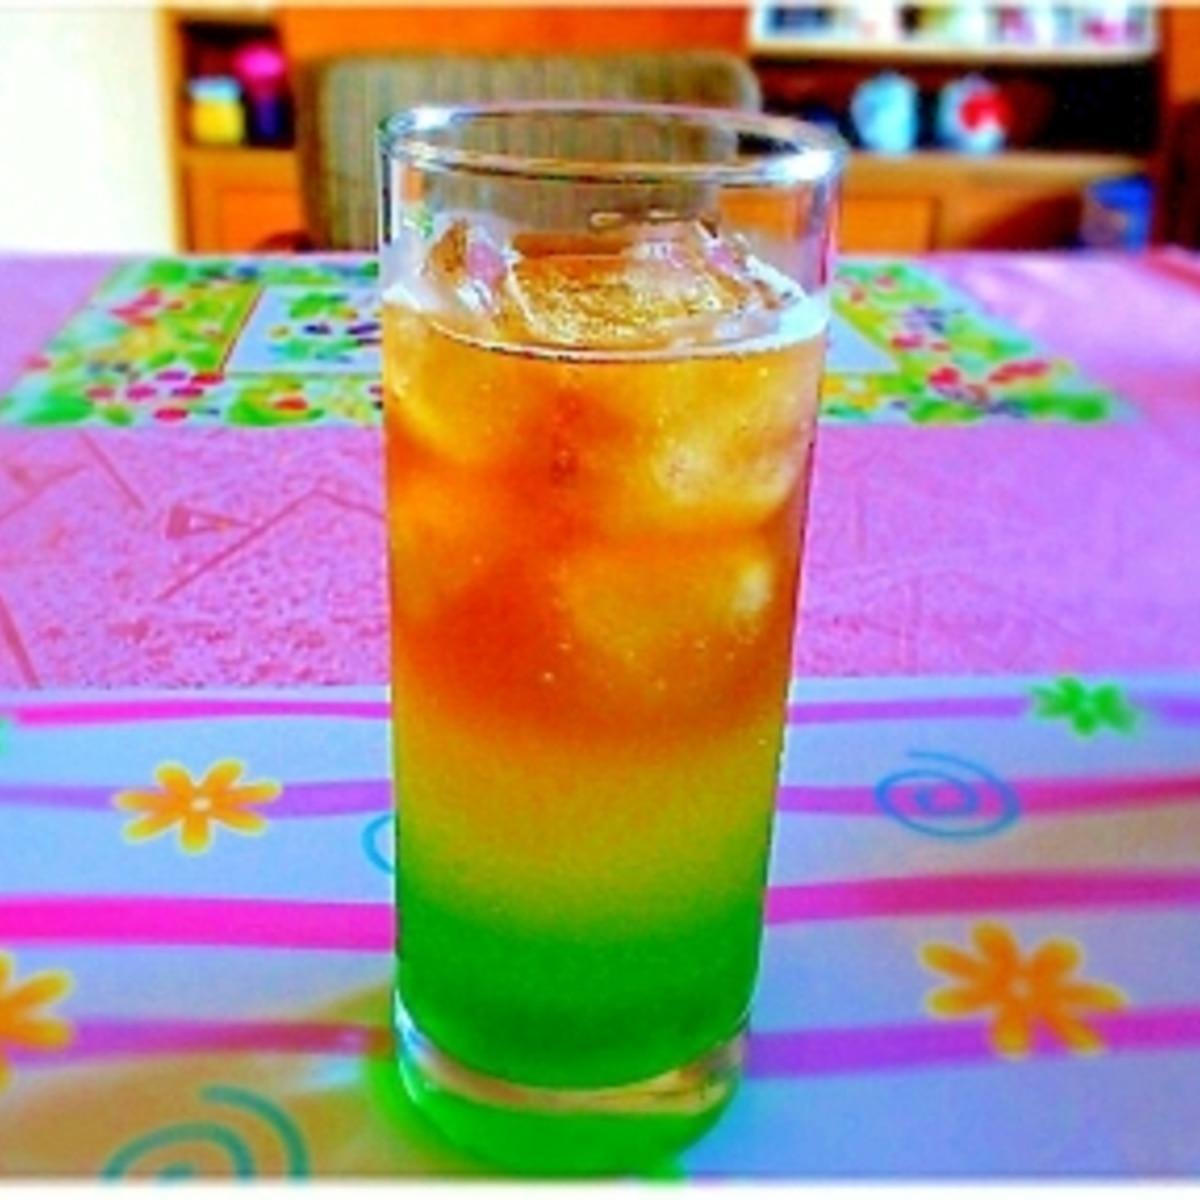 ノン アルコール カクテル レシピ